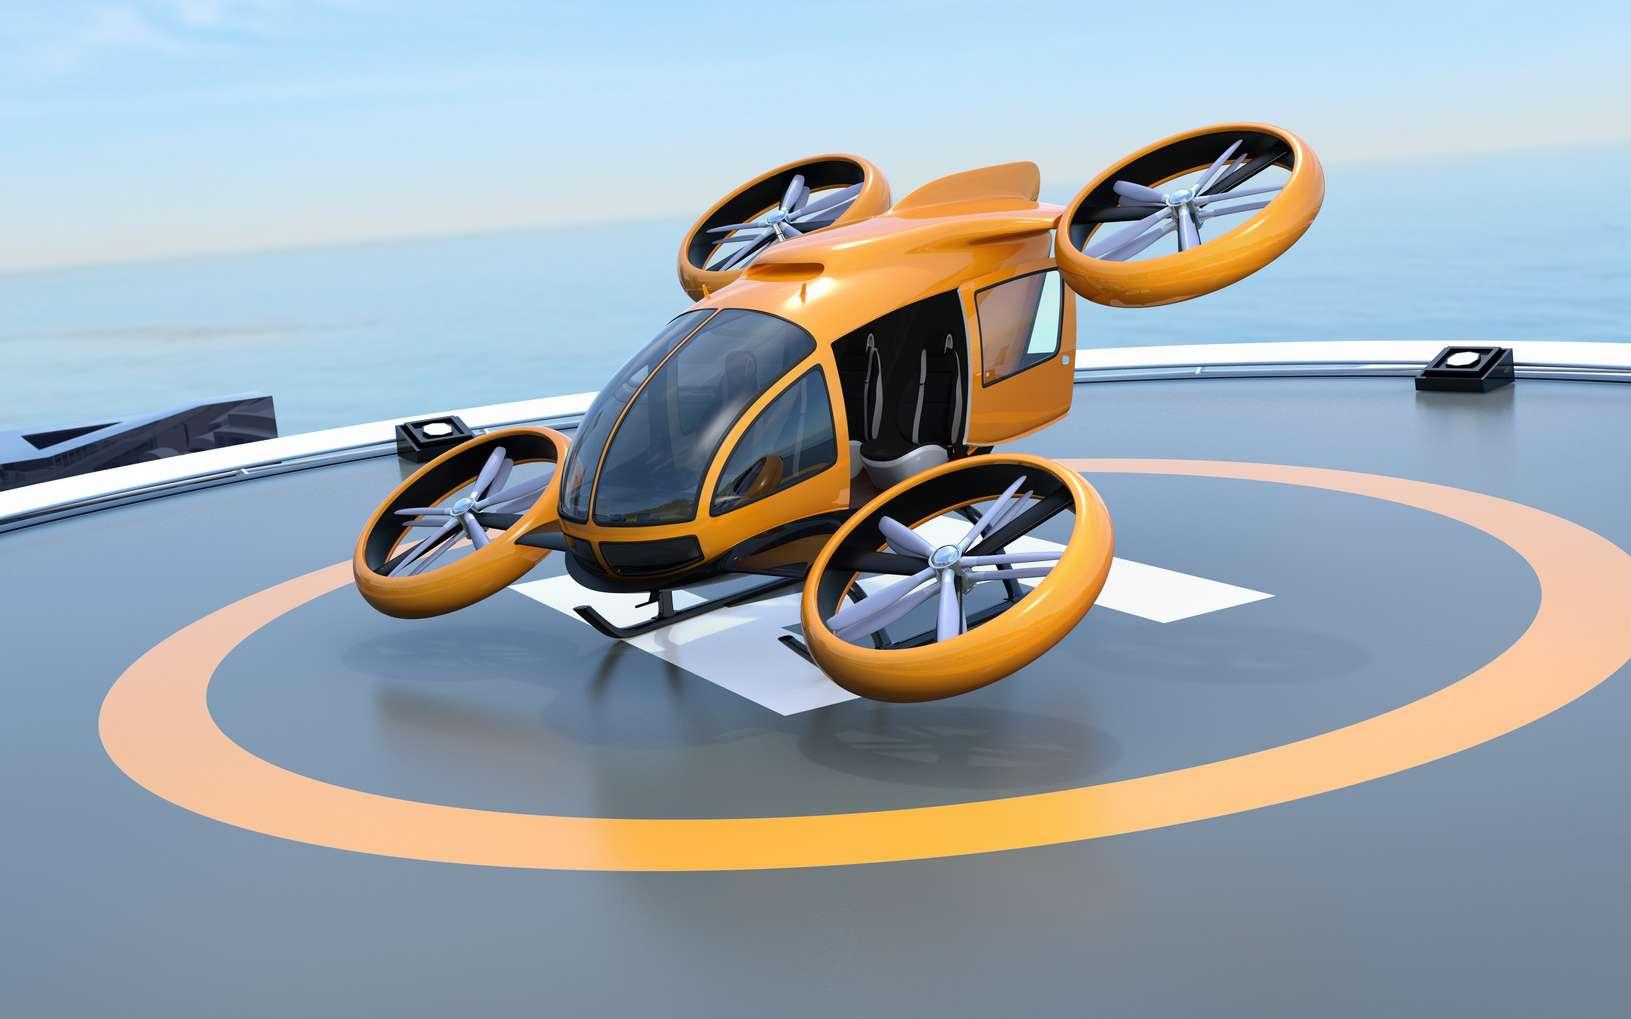 L'arrivée des premiers services de taxis volants est annoncée pour le courant de la prochaine décennie. © Chesky, Fotolia